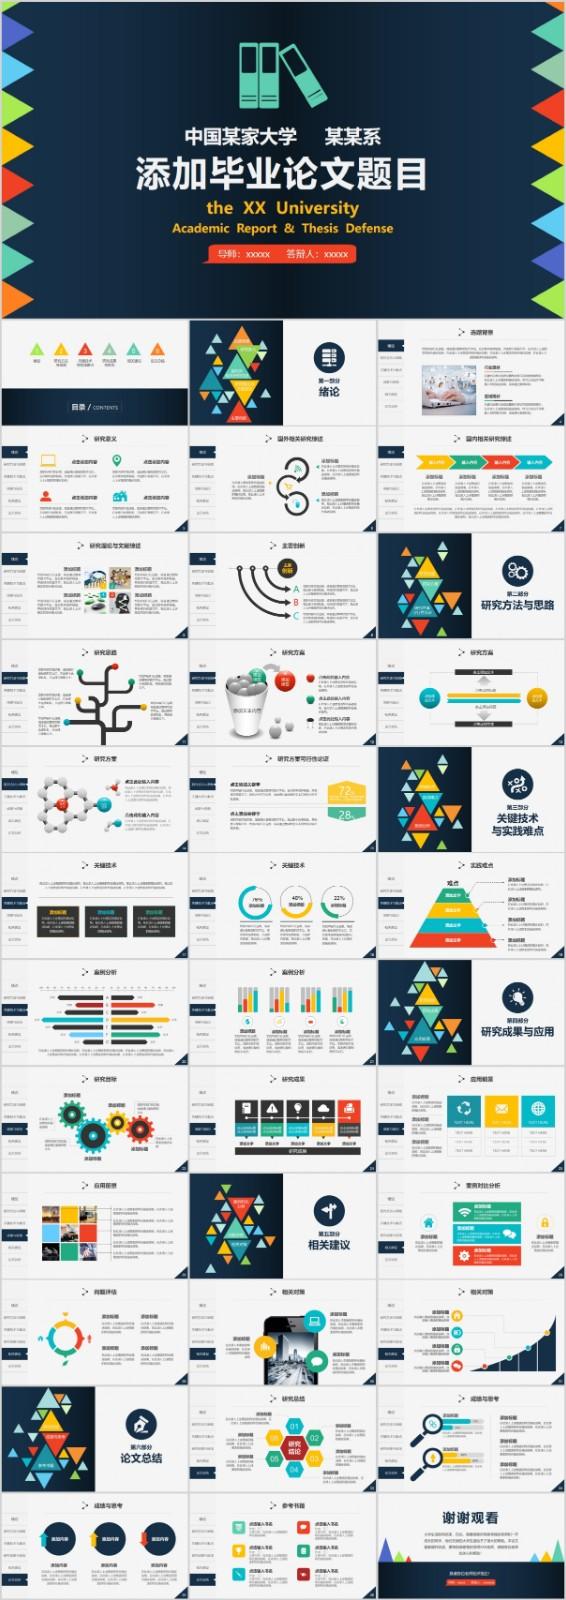 数码风格蓝色背景毕业设计论文答辩PPT模板